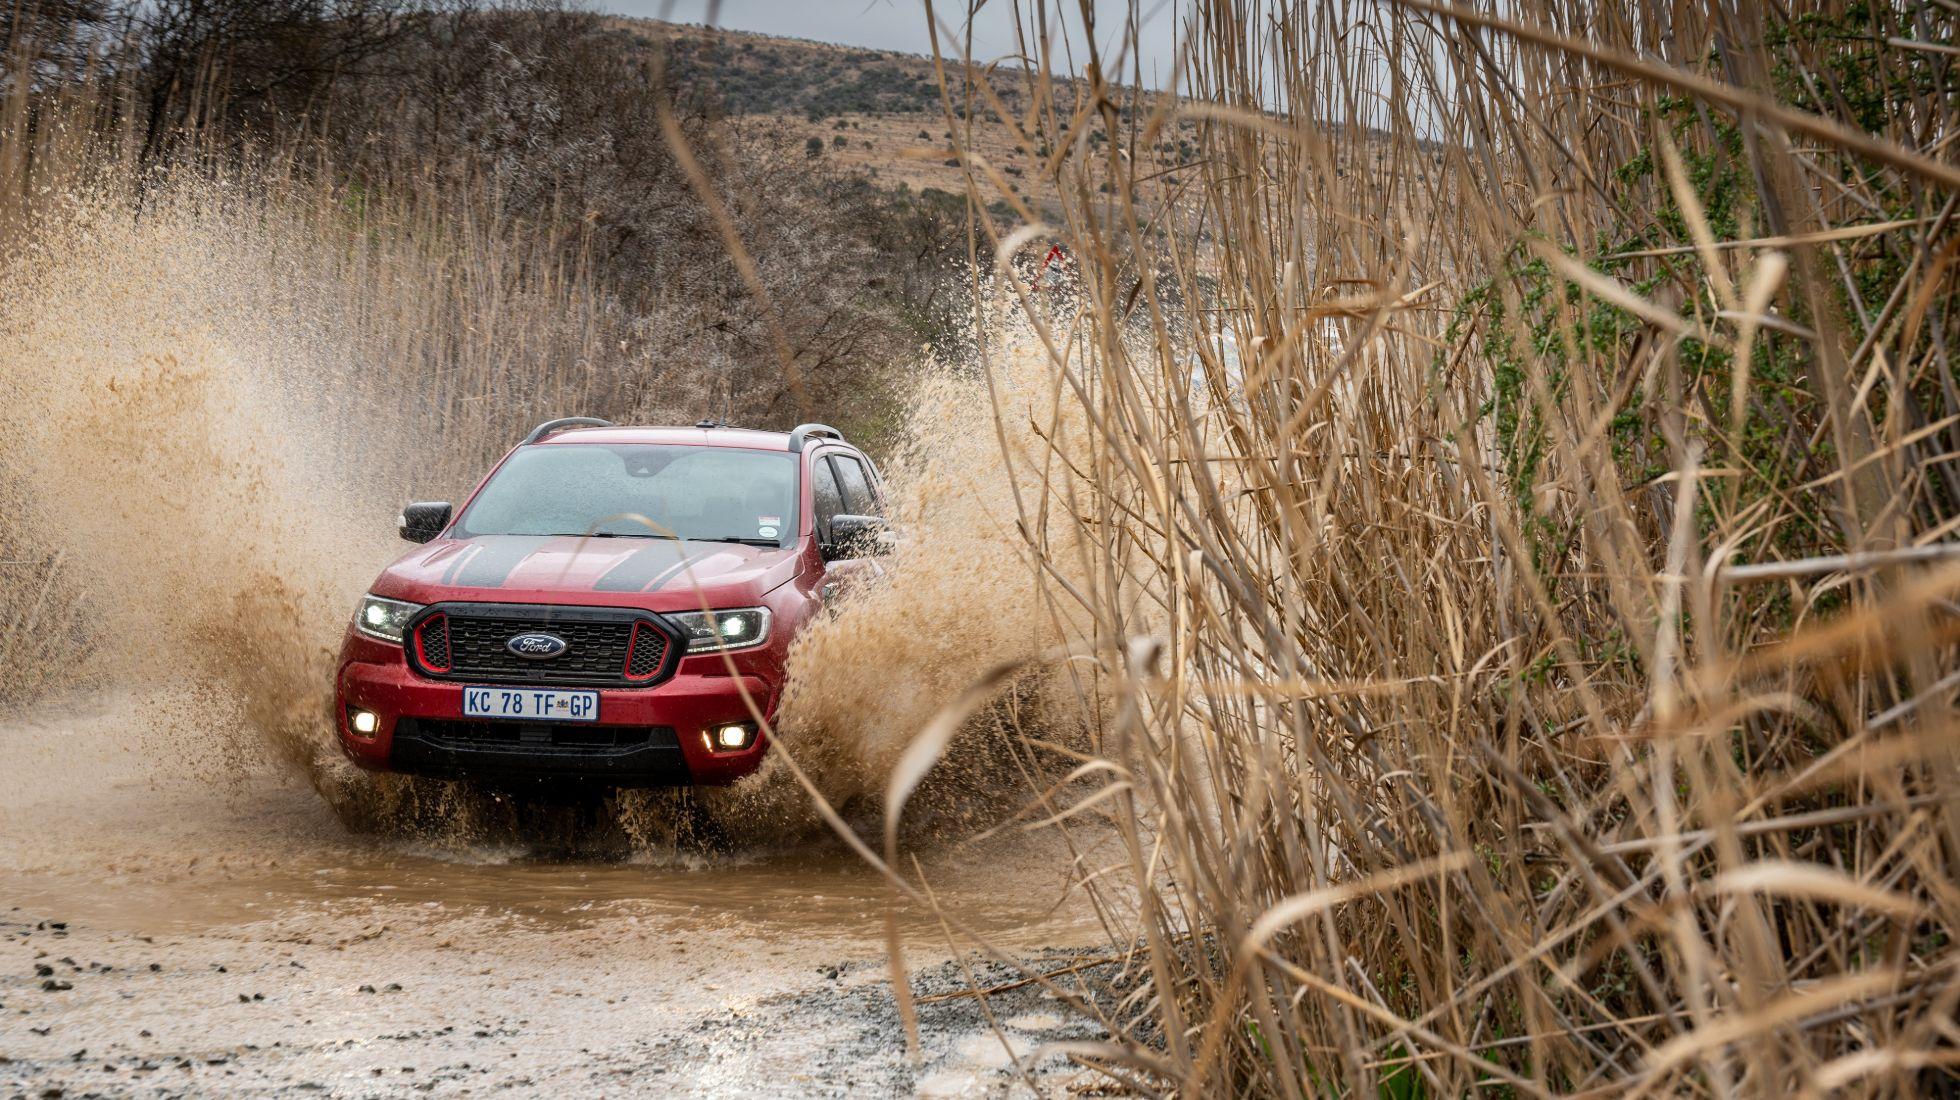 First Drive: The Ford Ranger (Stormtrak) affair